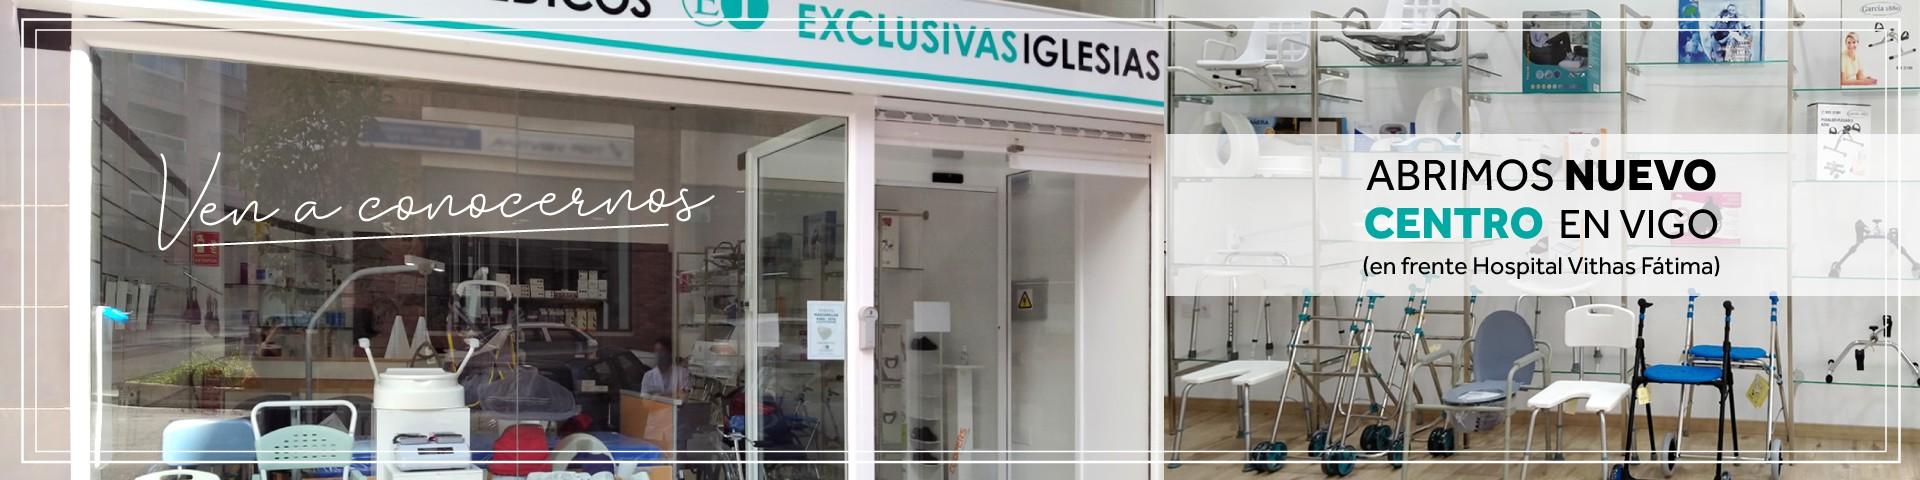 Abrimos NUEVO CENTRO en Vigo (en frente del Hospital de Fátima)